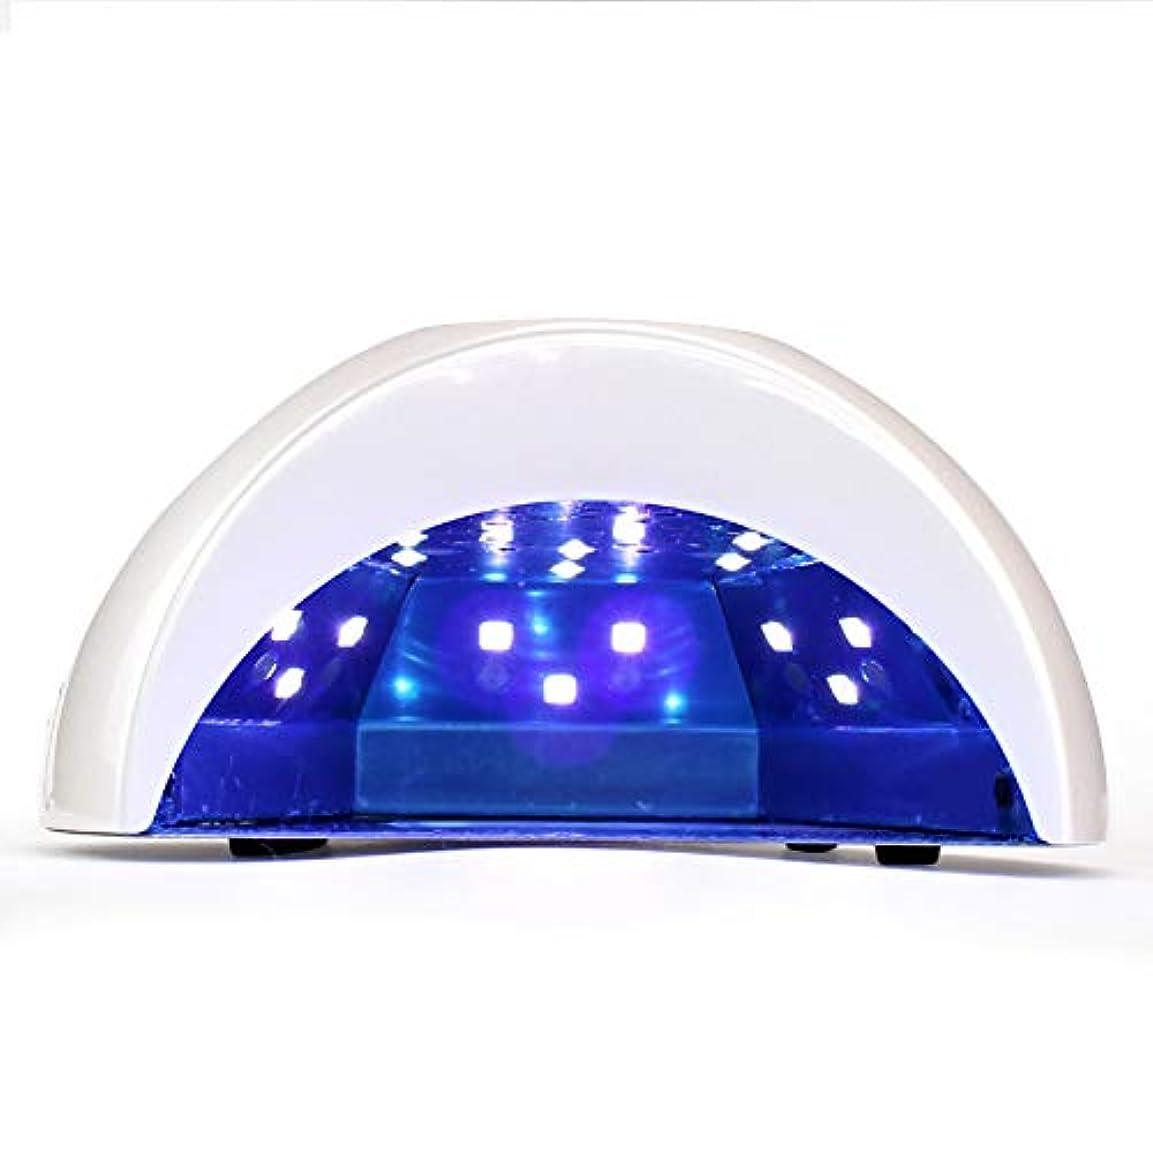 締め切り留め金期間ネイル光線療法機36W三段変速機21ランプビーズ空気清浄機能ネイル光線療法機